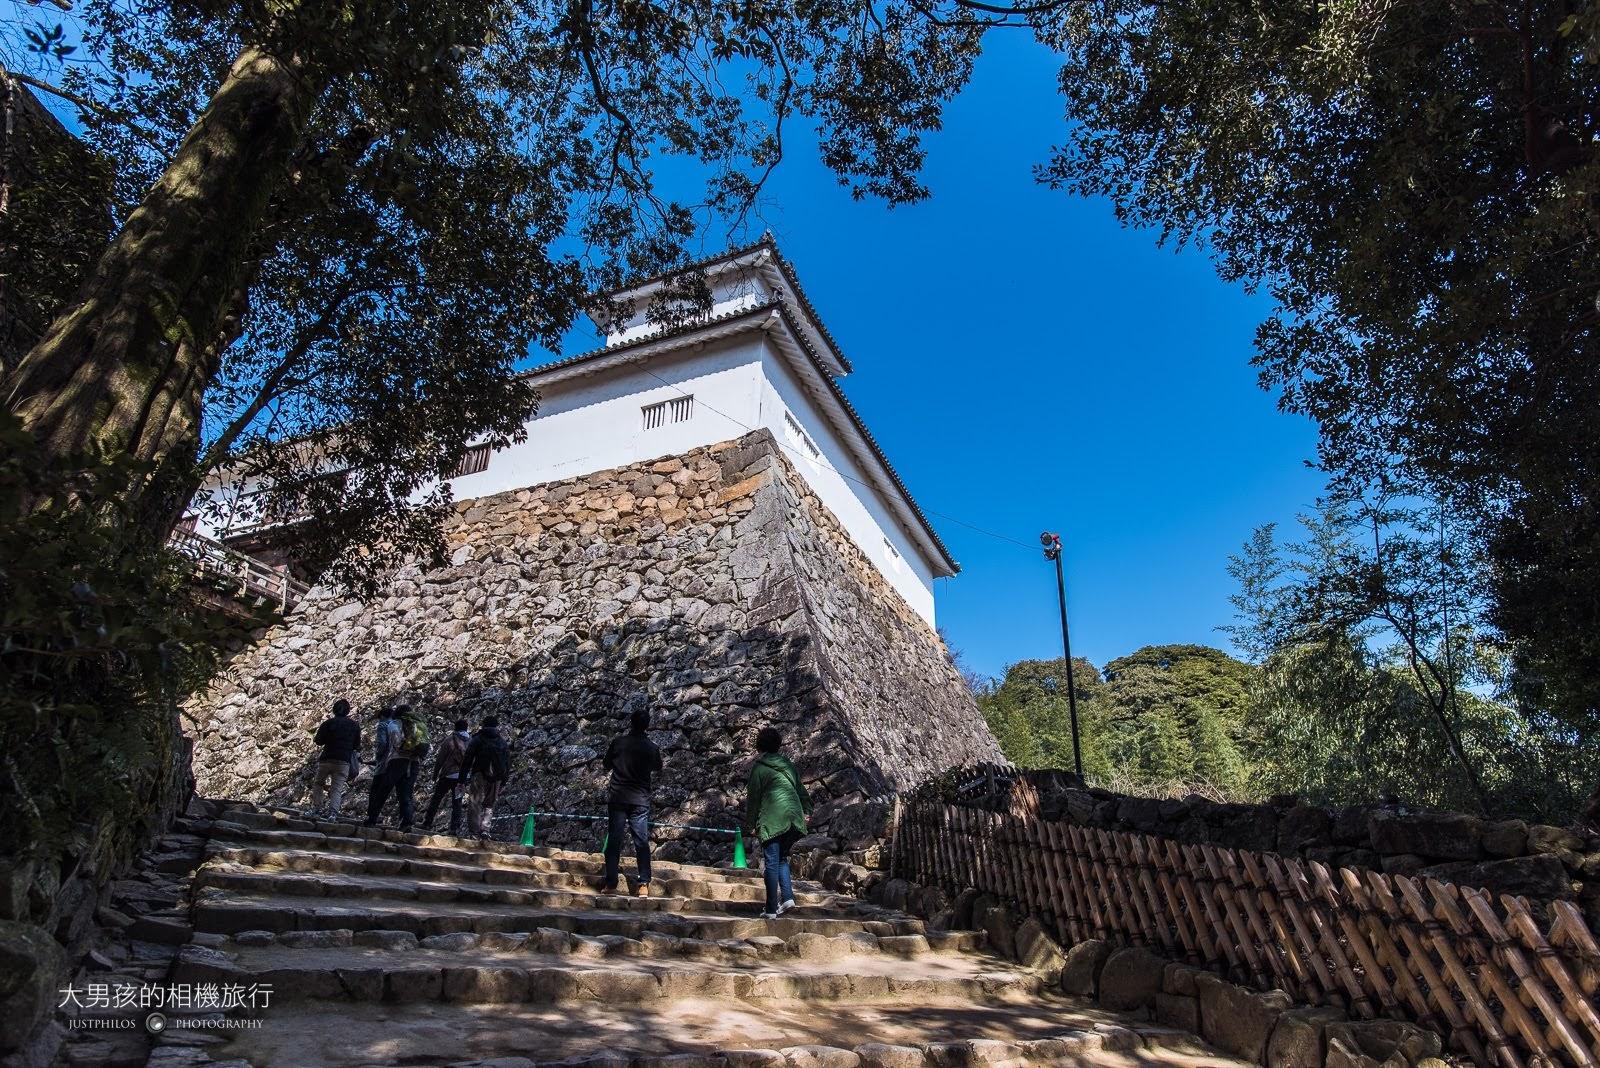 上坡路段大約5-10分的路程後就可看到彥根城的內牆了。